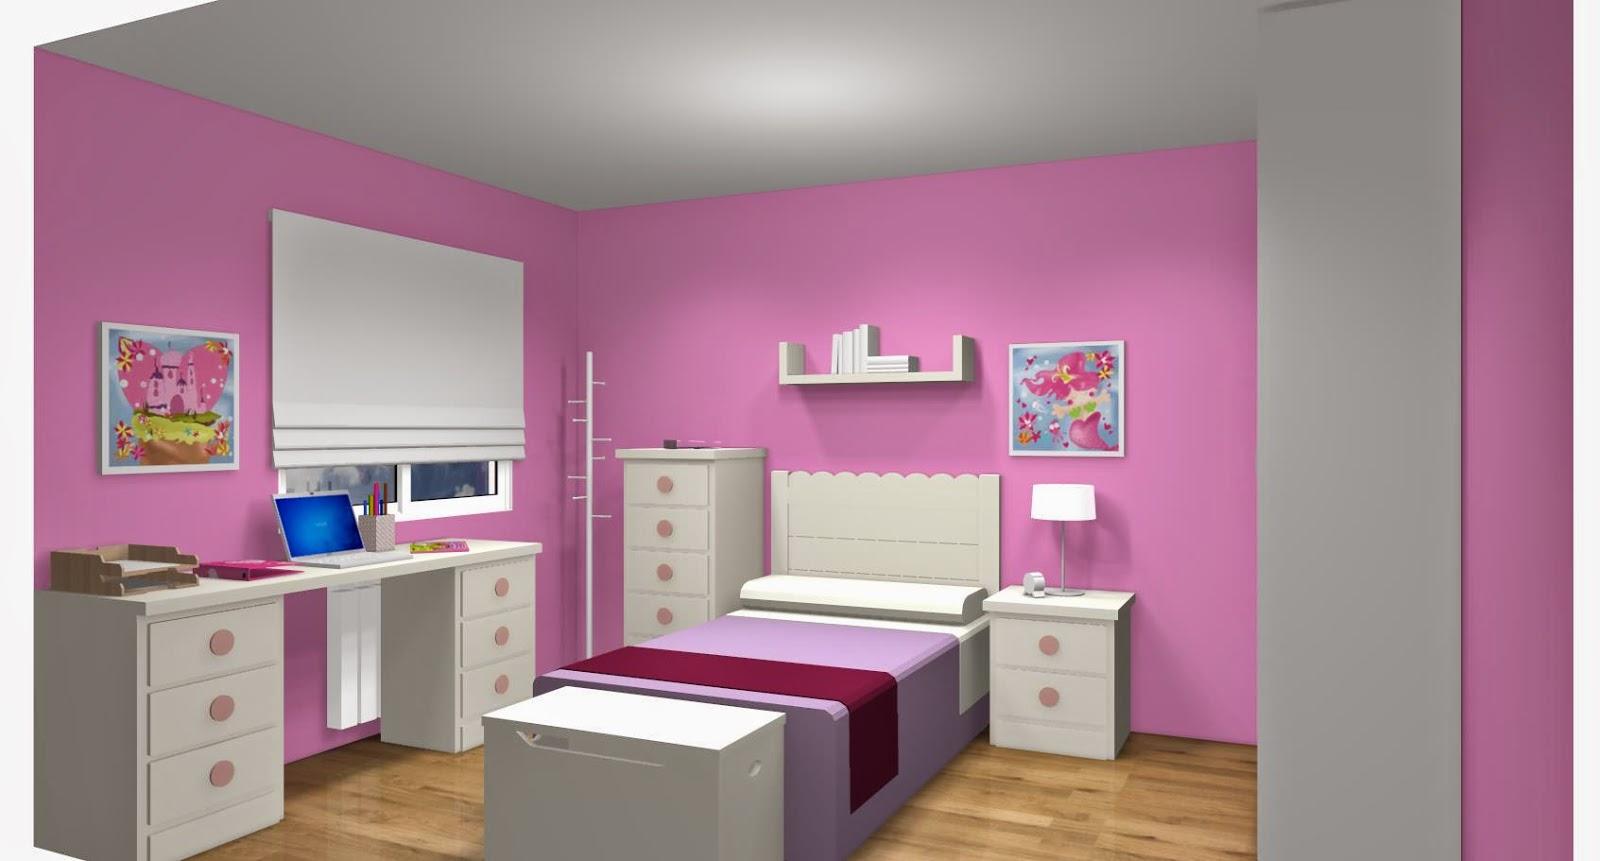 Dise o de cuartos o dormitorios juveniles - Disenos de cuartos ...